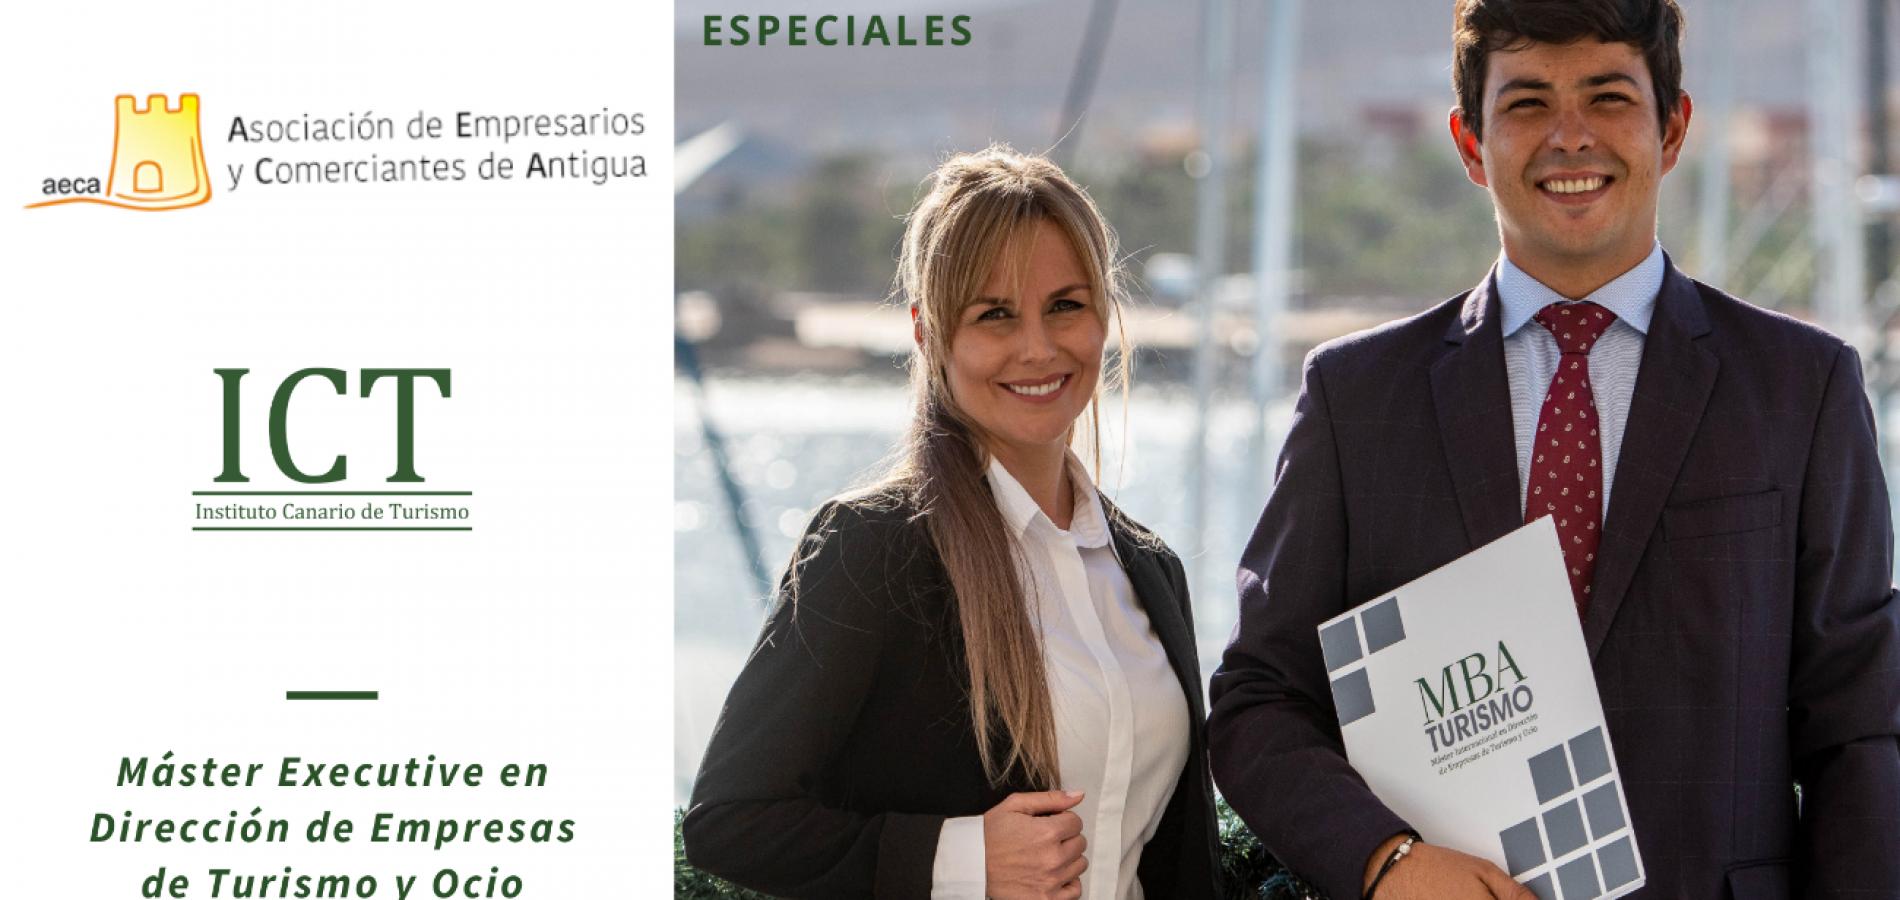 BECAS AECA: Máster en Dirección de Empresas de Turismo y Ocio.